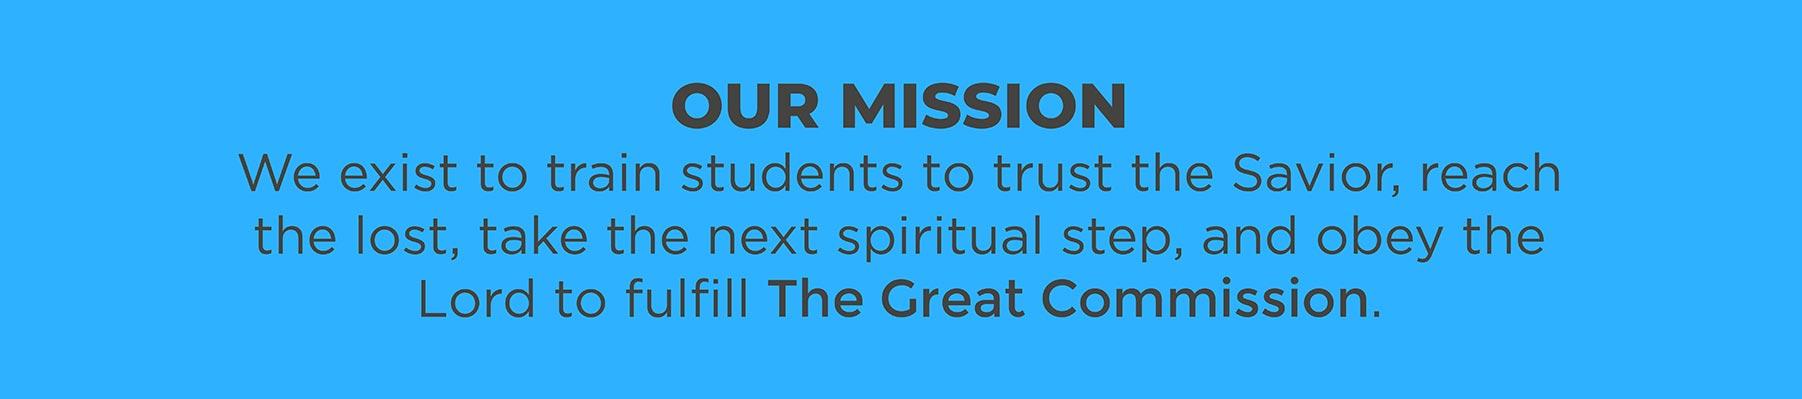 college mission statement